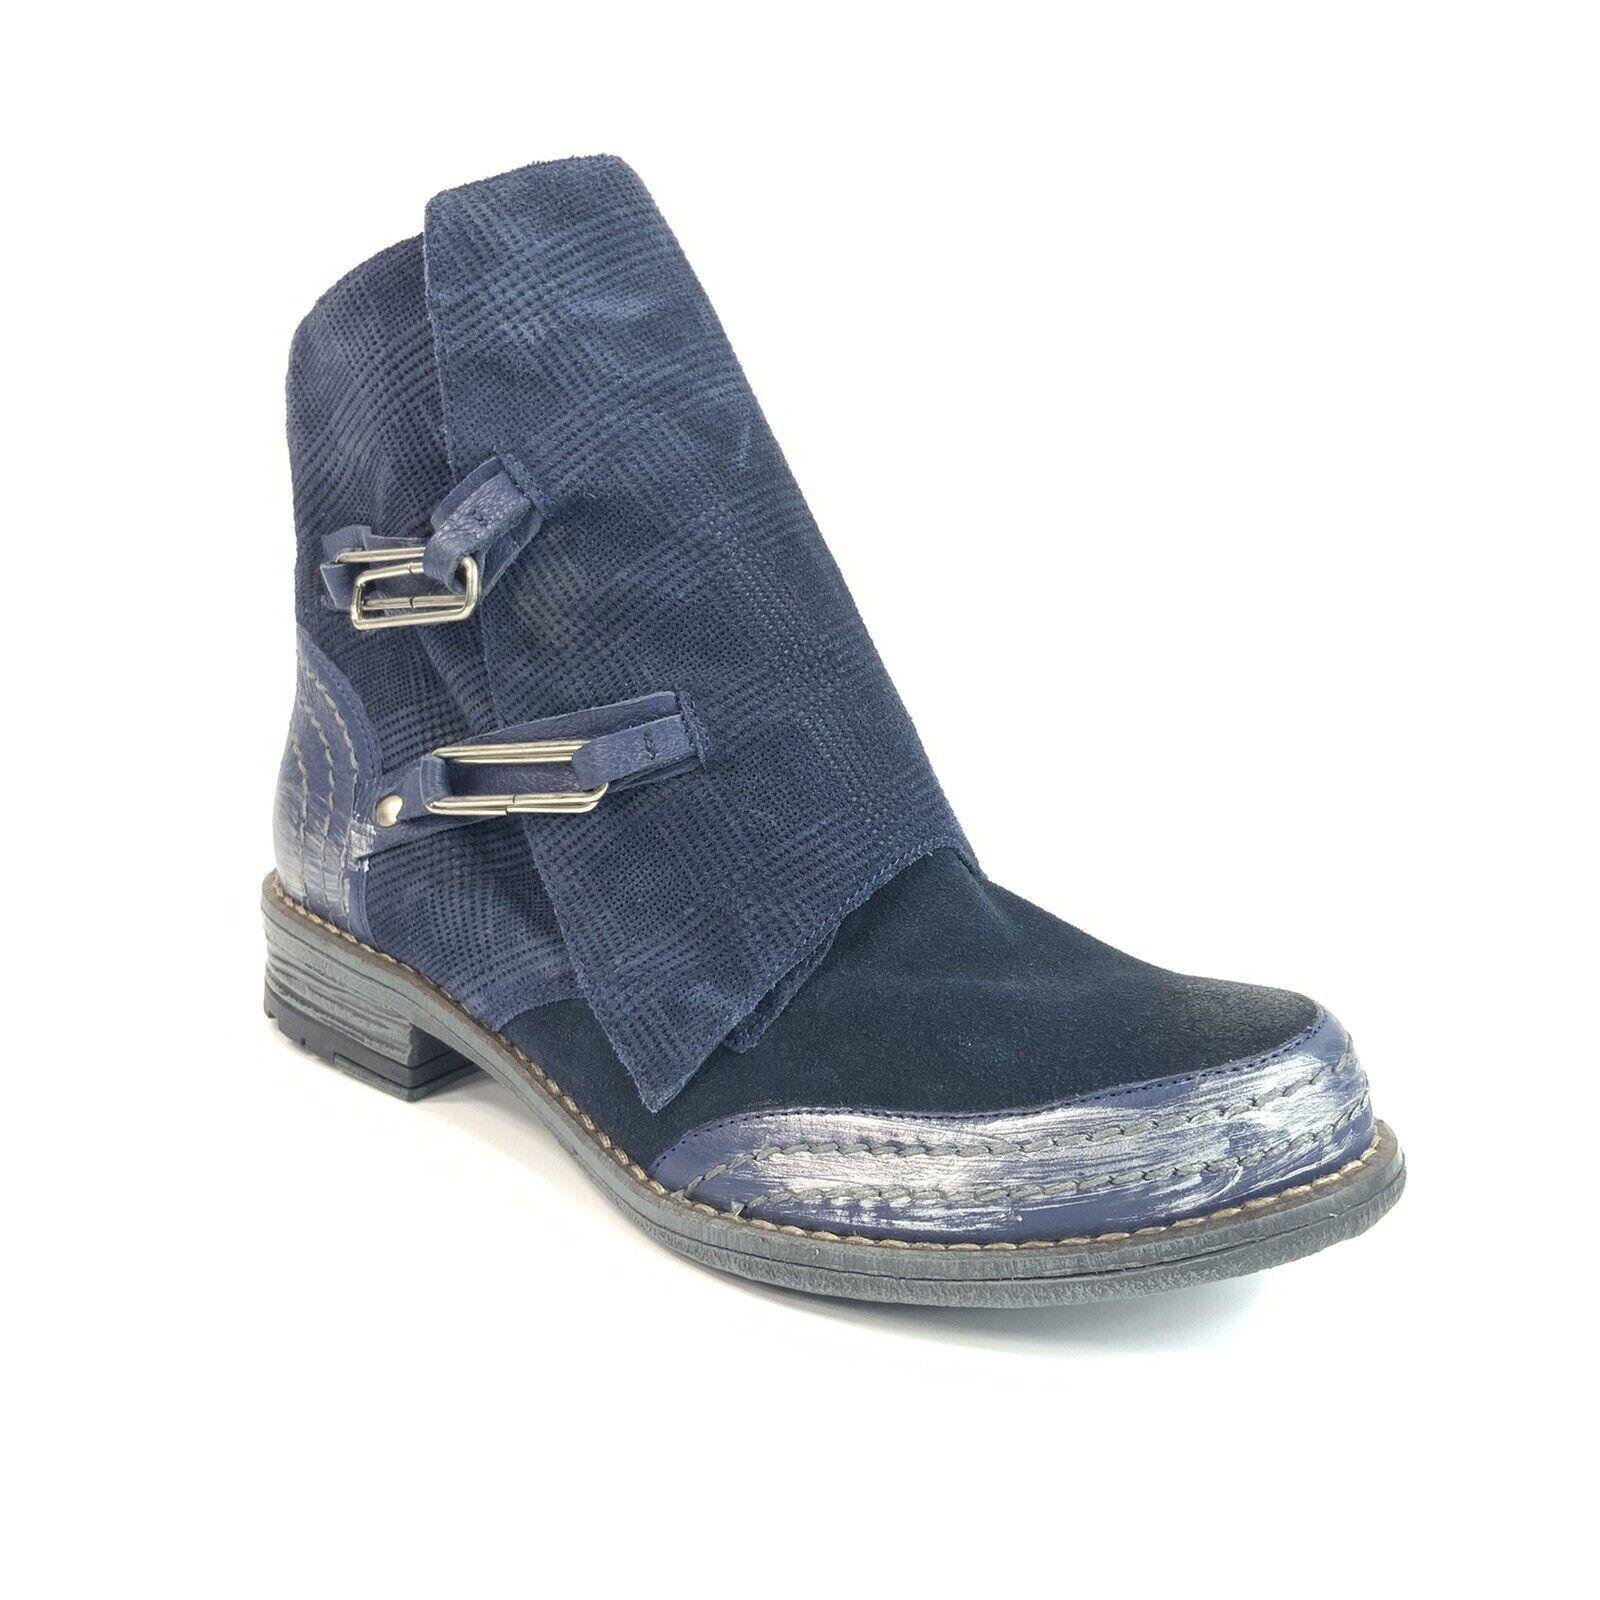 Maciejka Women's Size 37 Navy Leather Ankle Bootie